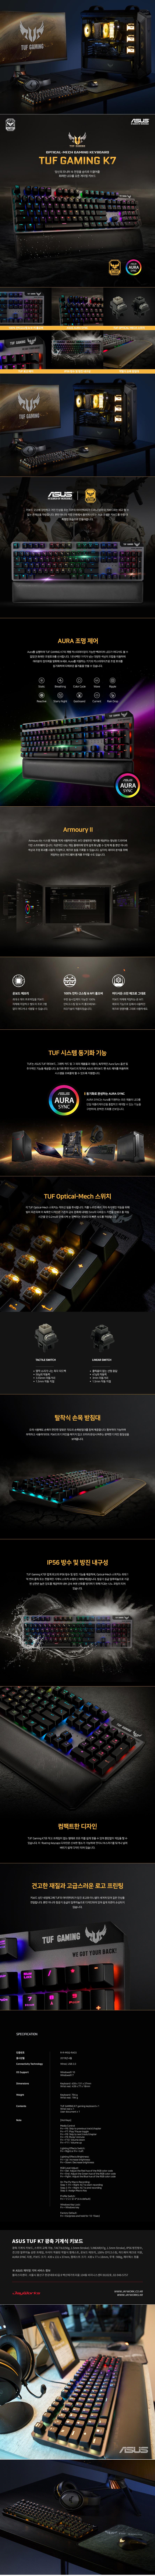 ASUS TUF Gaming K7(클릭)